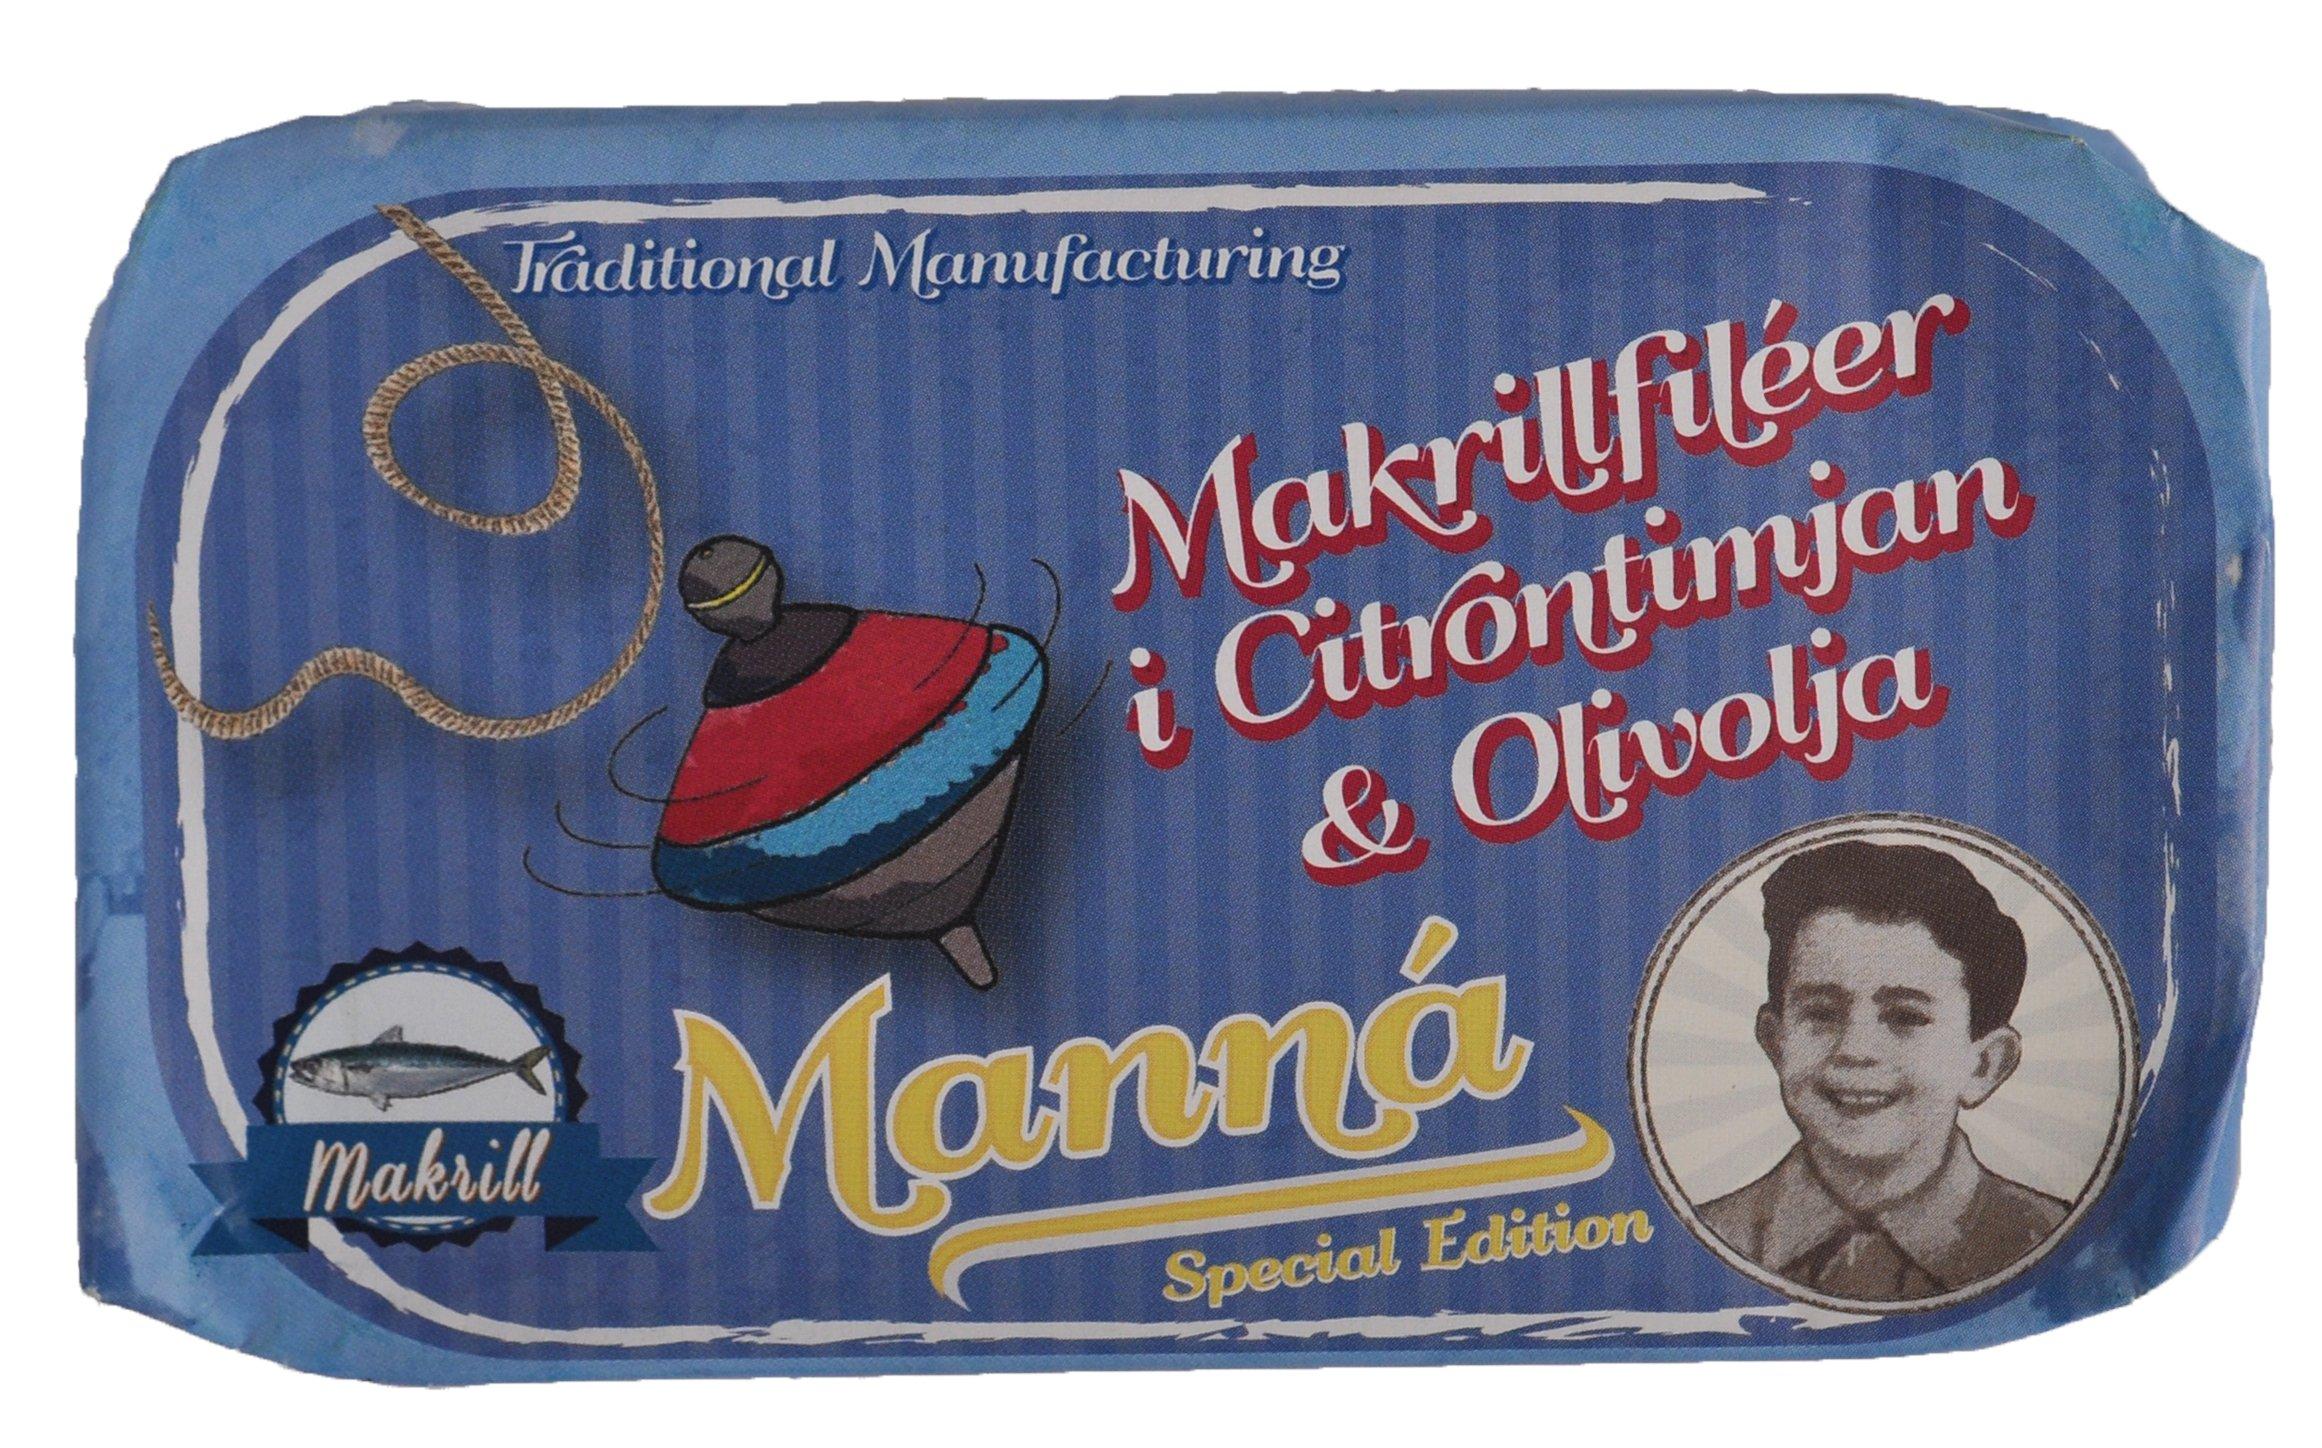 Makrillfiléer i Citrontimjan & Olivolja